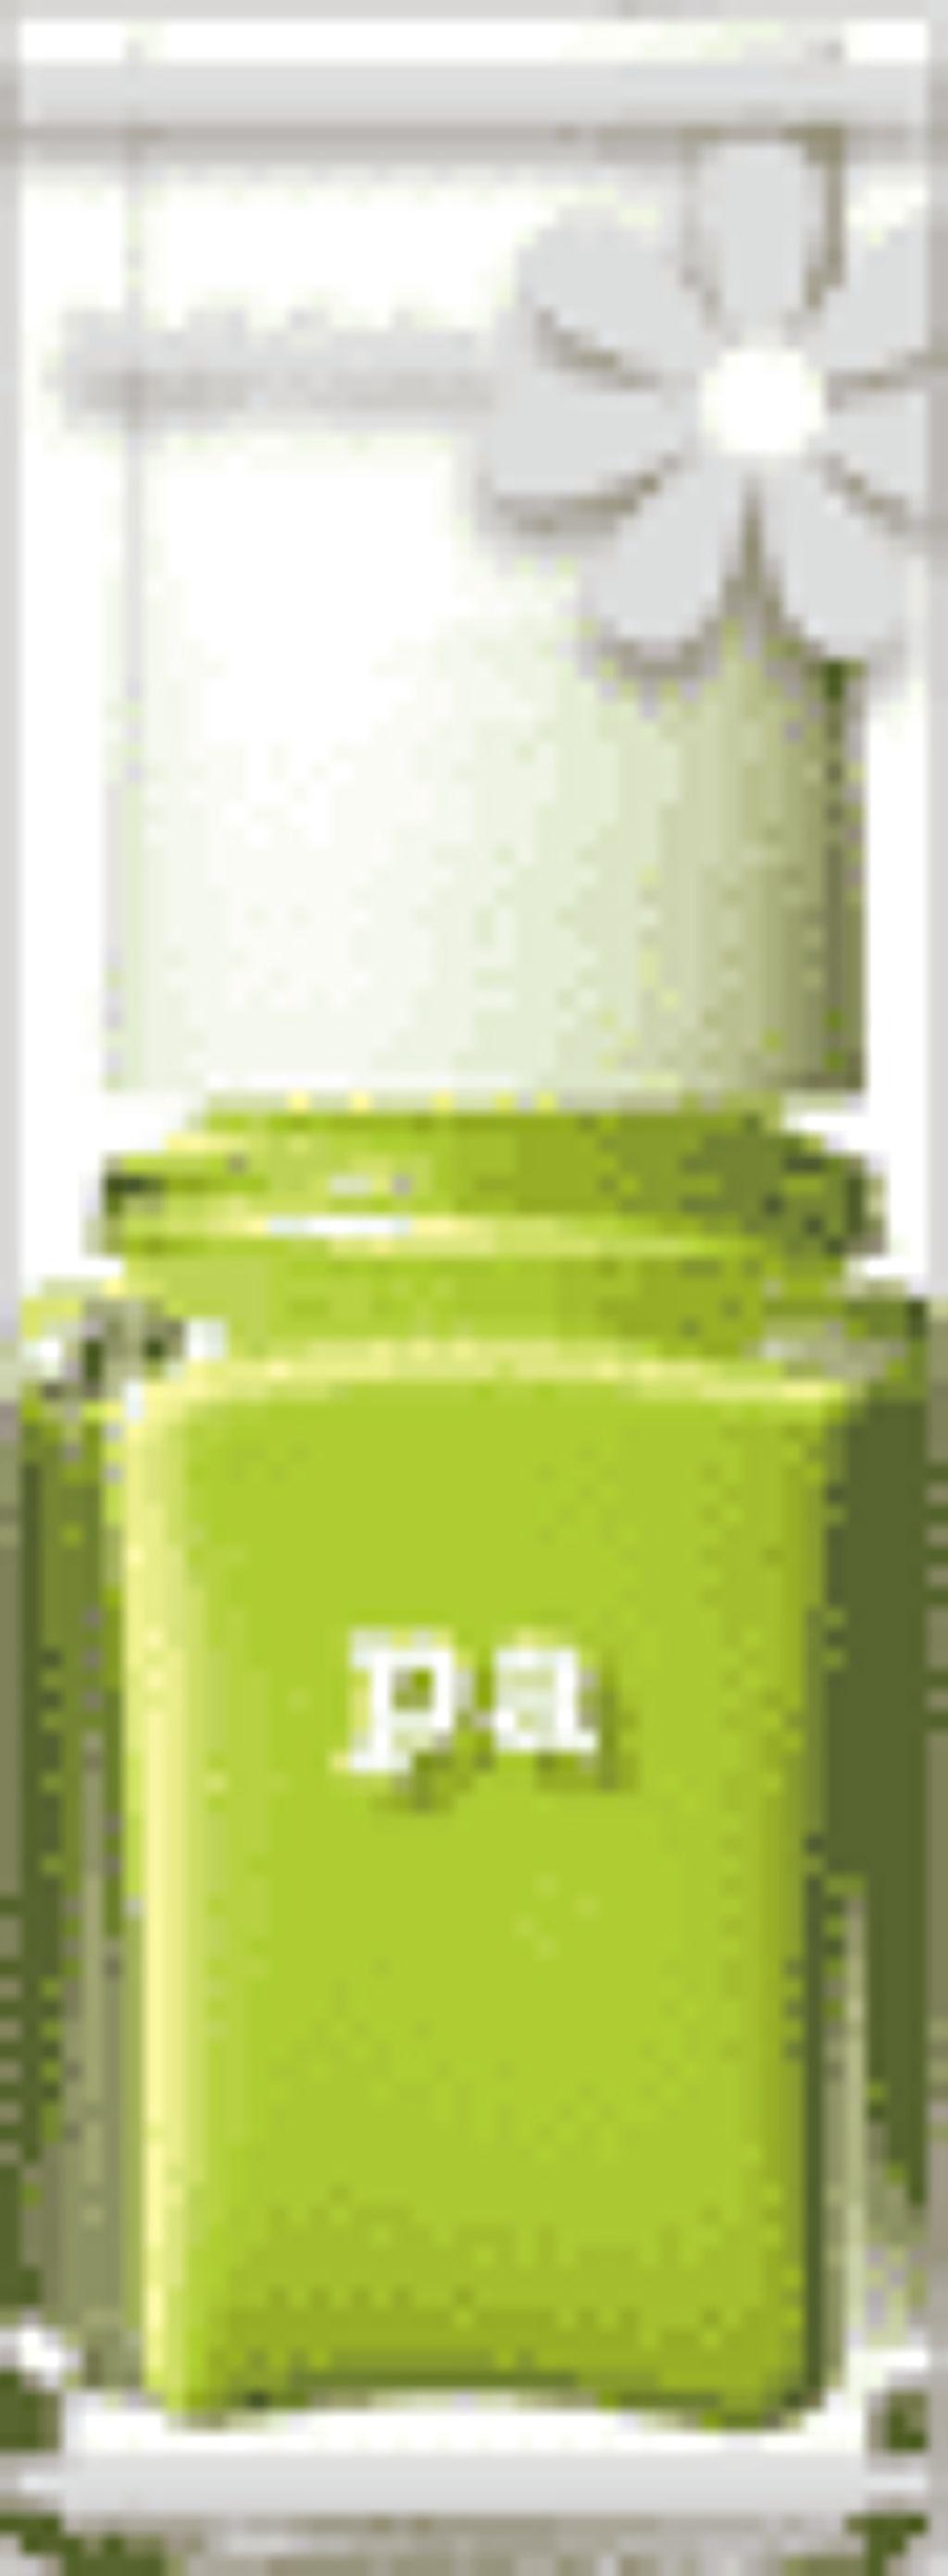 ネイルカラー A34 プライマルイエローグリーン